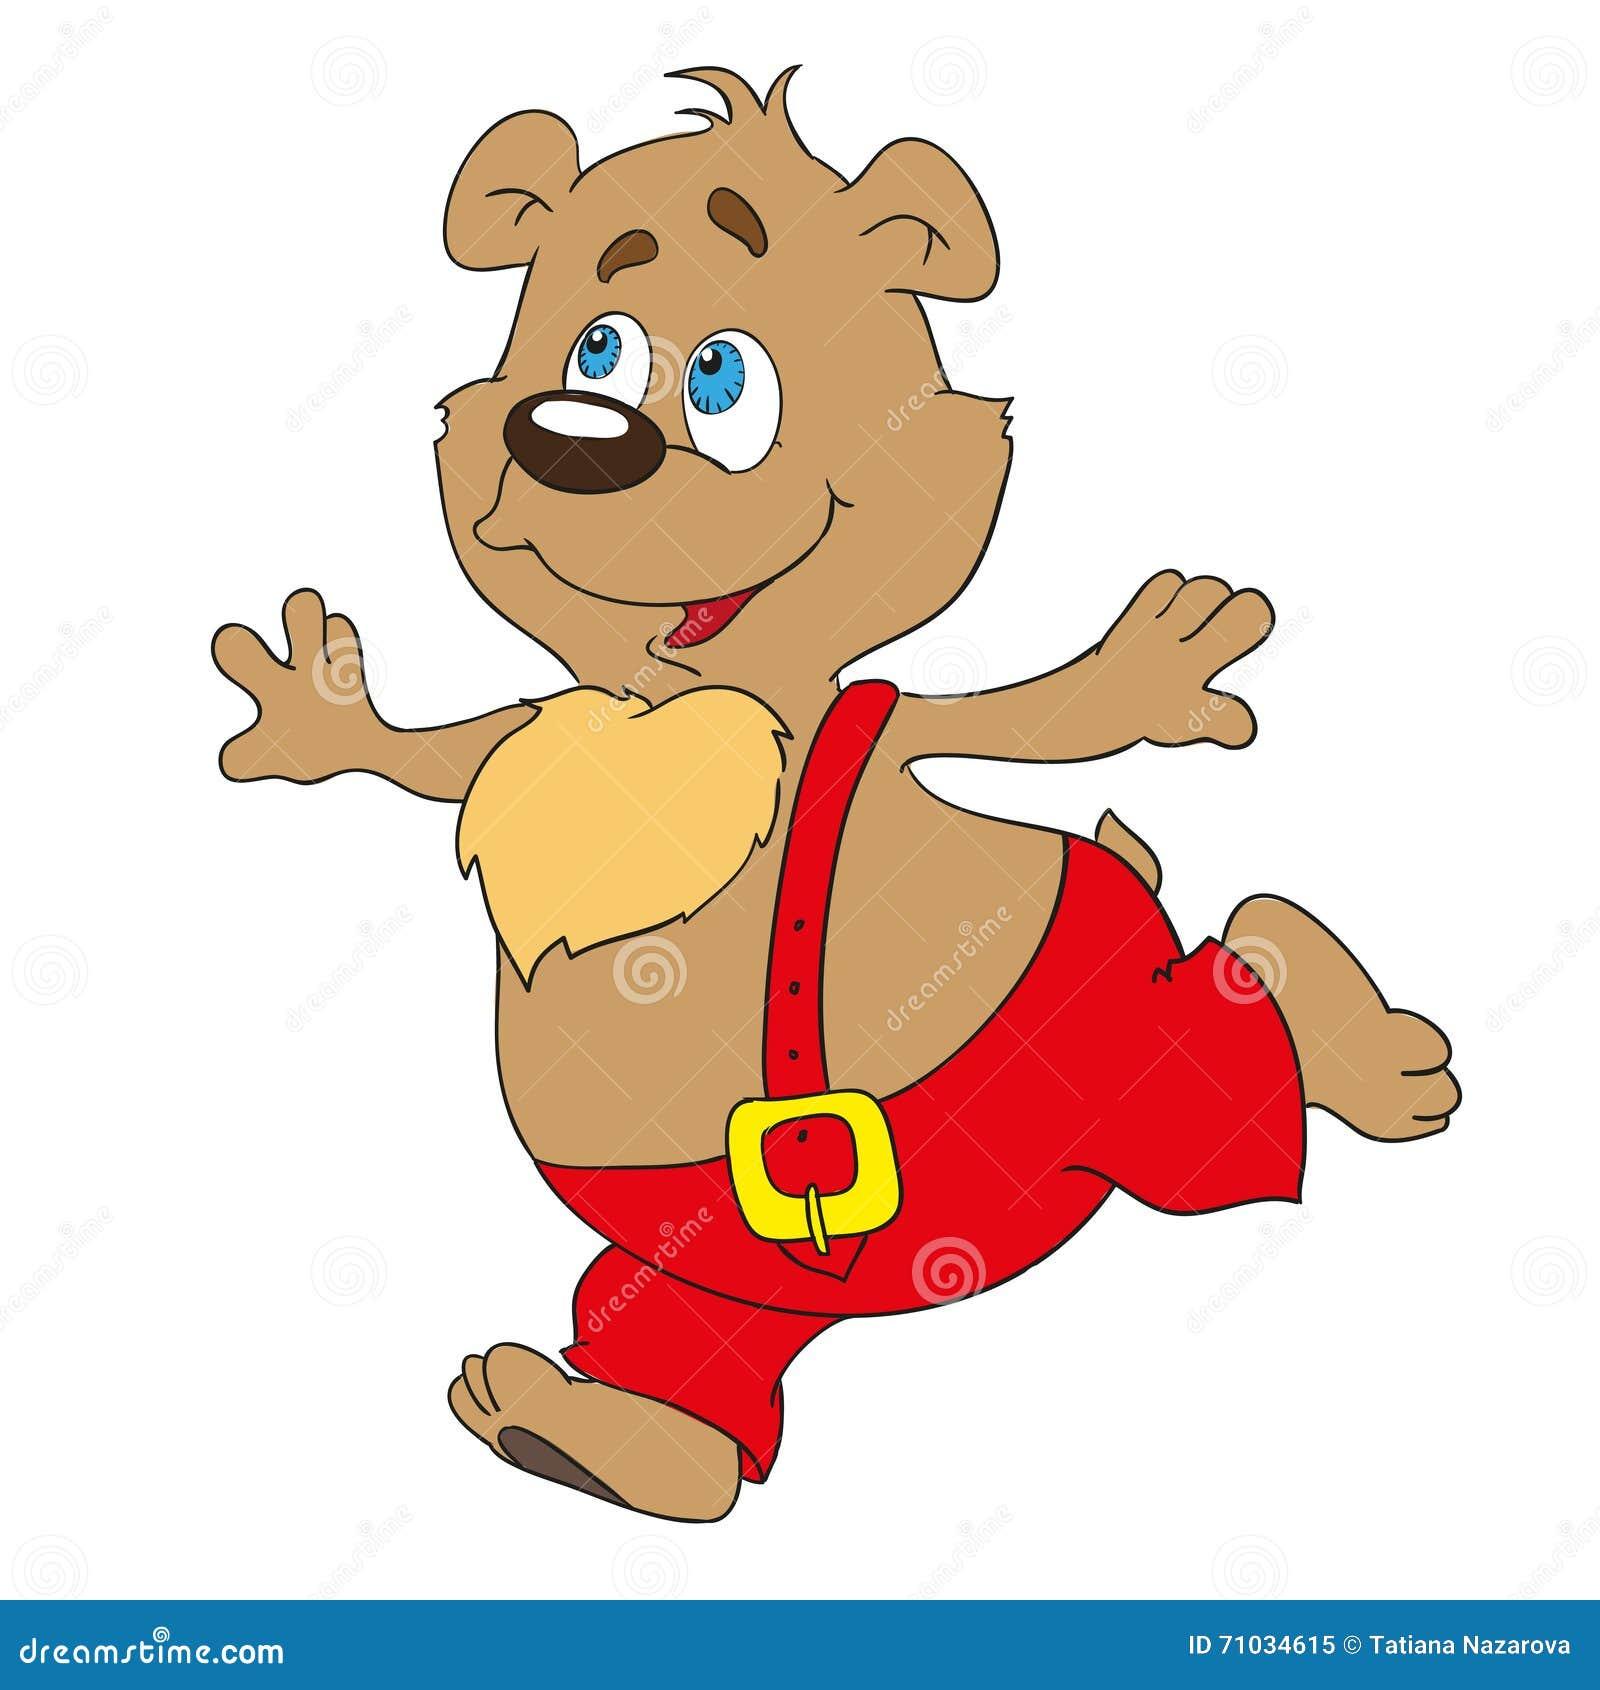 Медведь персонаж из мультфильма Doodles иллюстрация,